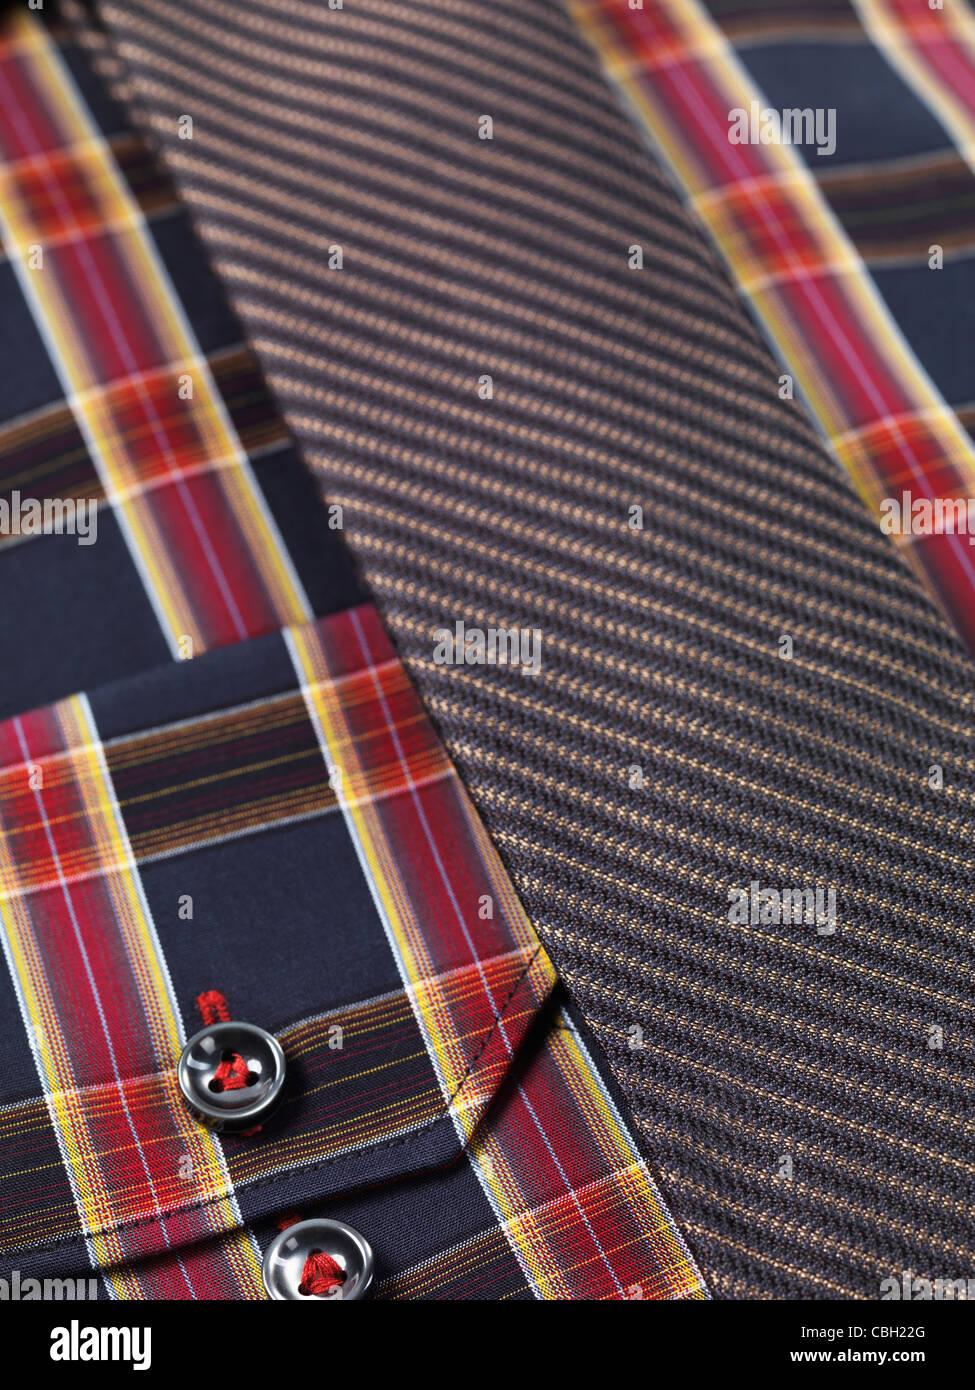 Primo piano di un pattern di tartan mens shirt con una fascetta sottile Immagini Stock